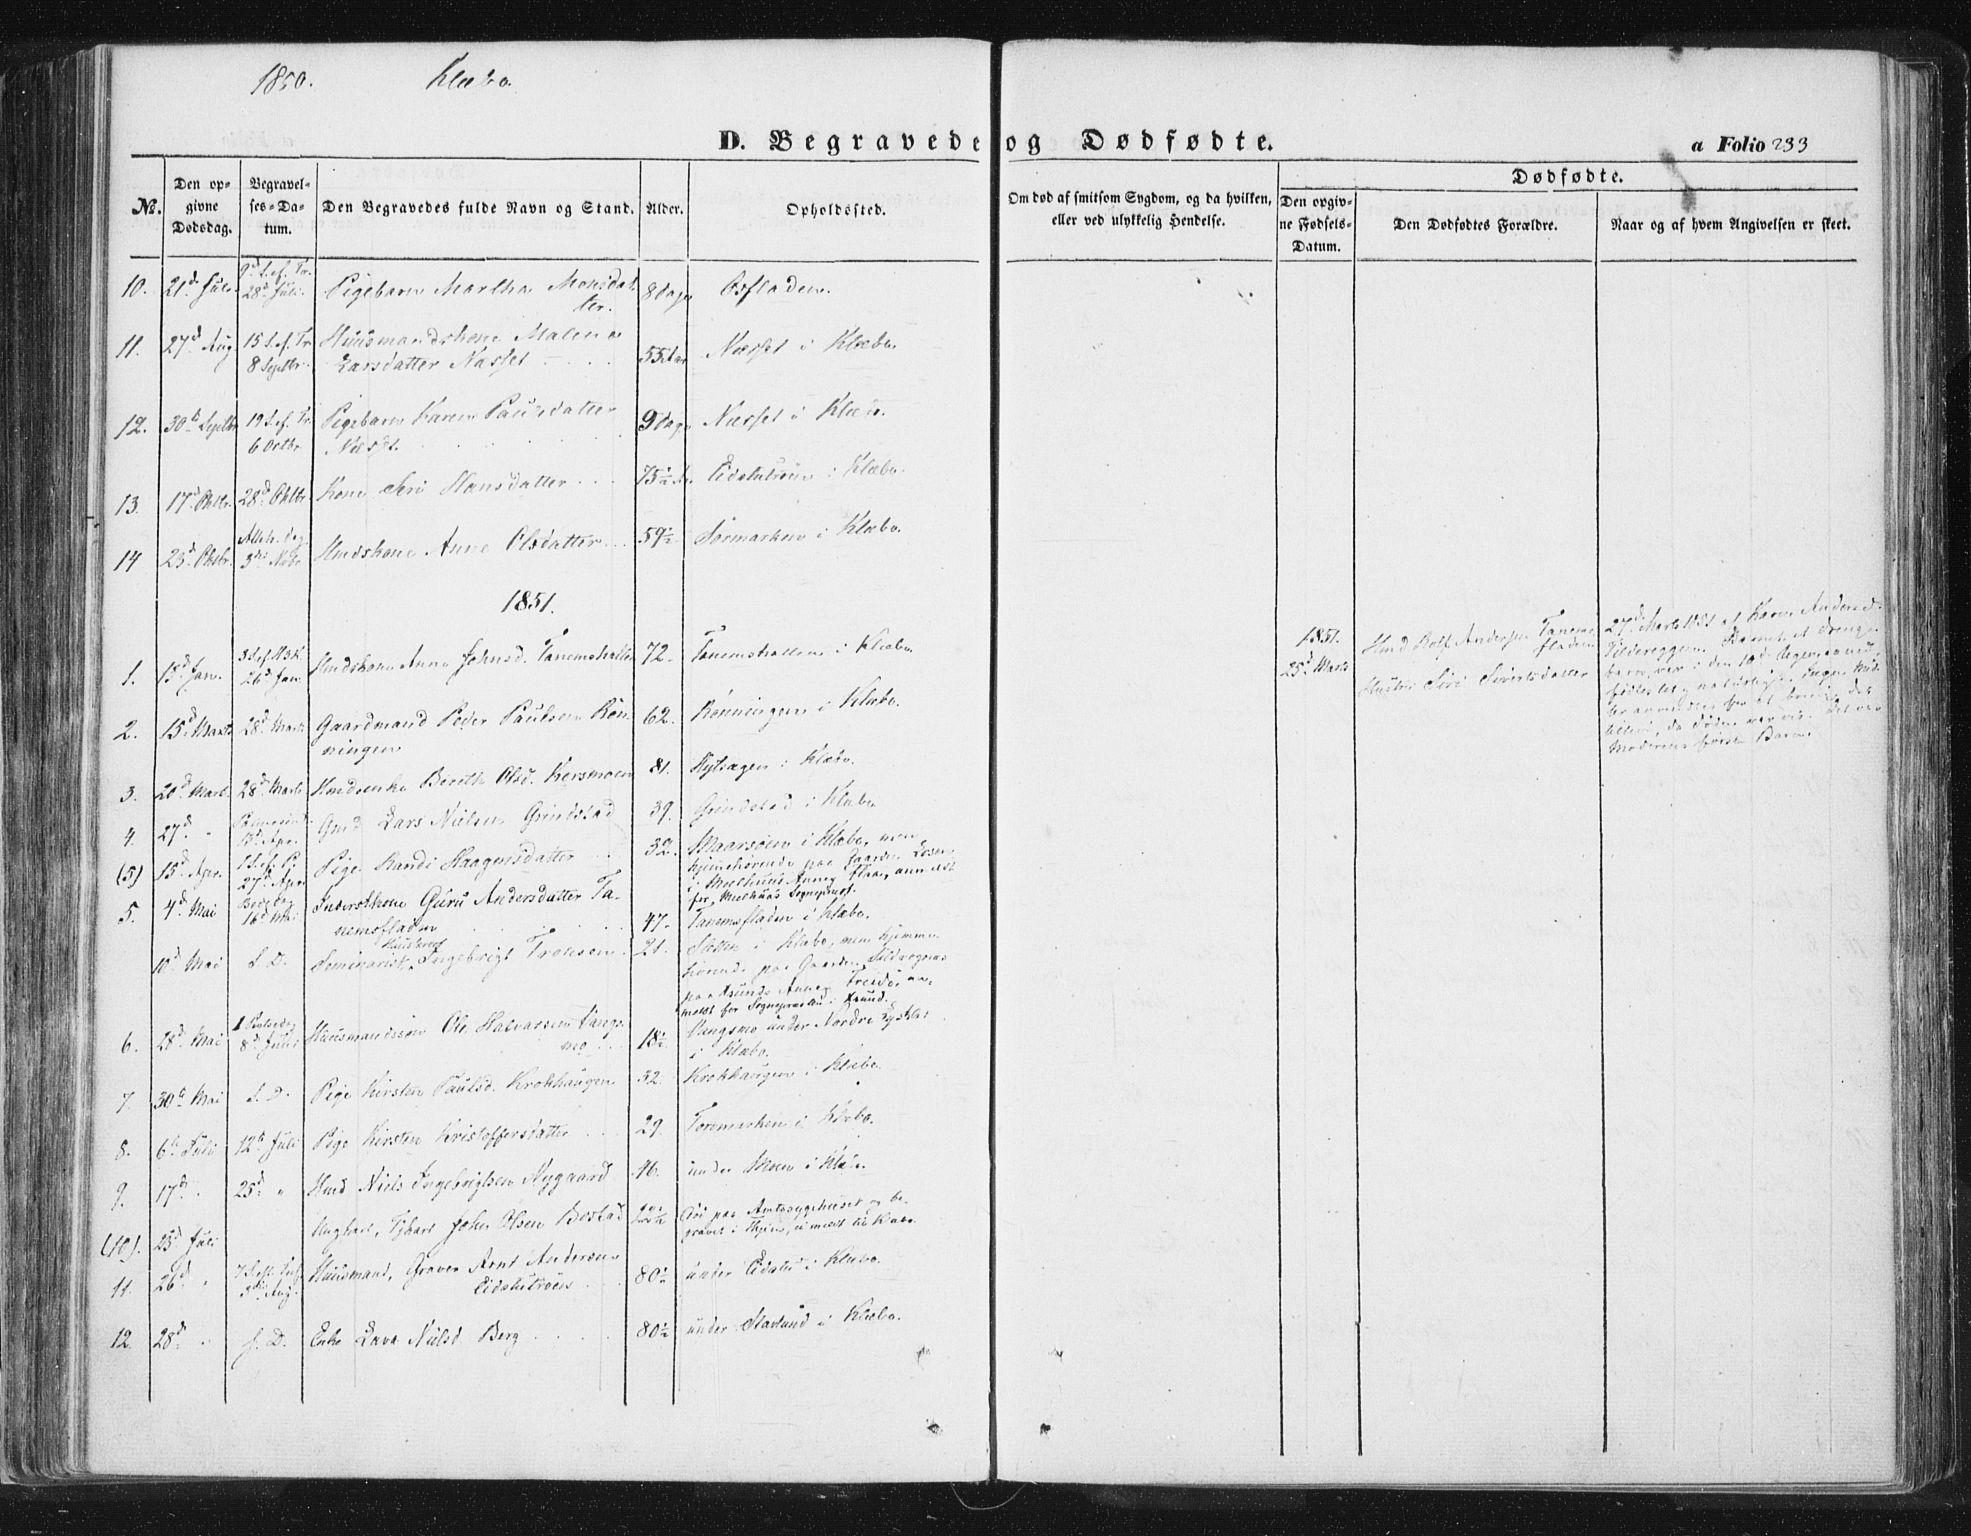 SAT, Ministerialprotokoller, klokkerbøker og fødselsregistre - Sør-Trøndelag, 618/L0441: Ministerialbok nr. 618A05, 1843-1862, s. 233